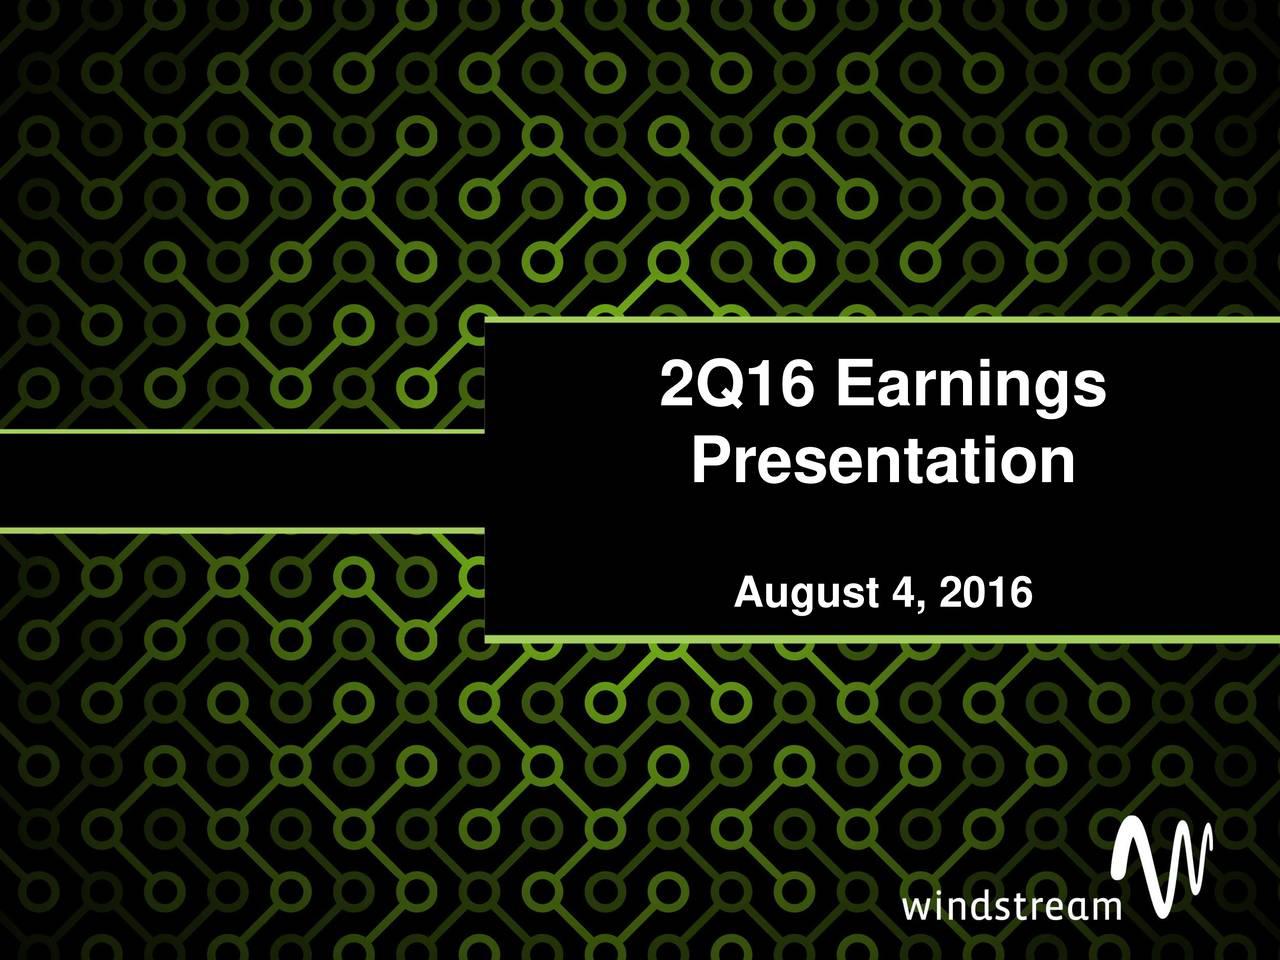 Presentation August 4, 2016